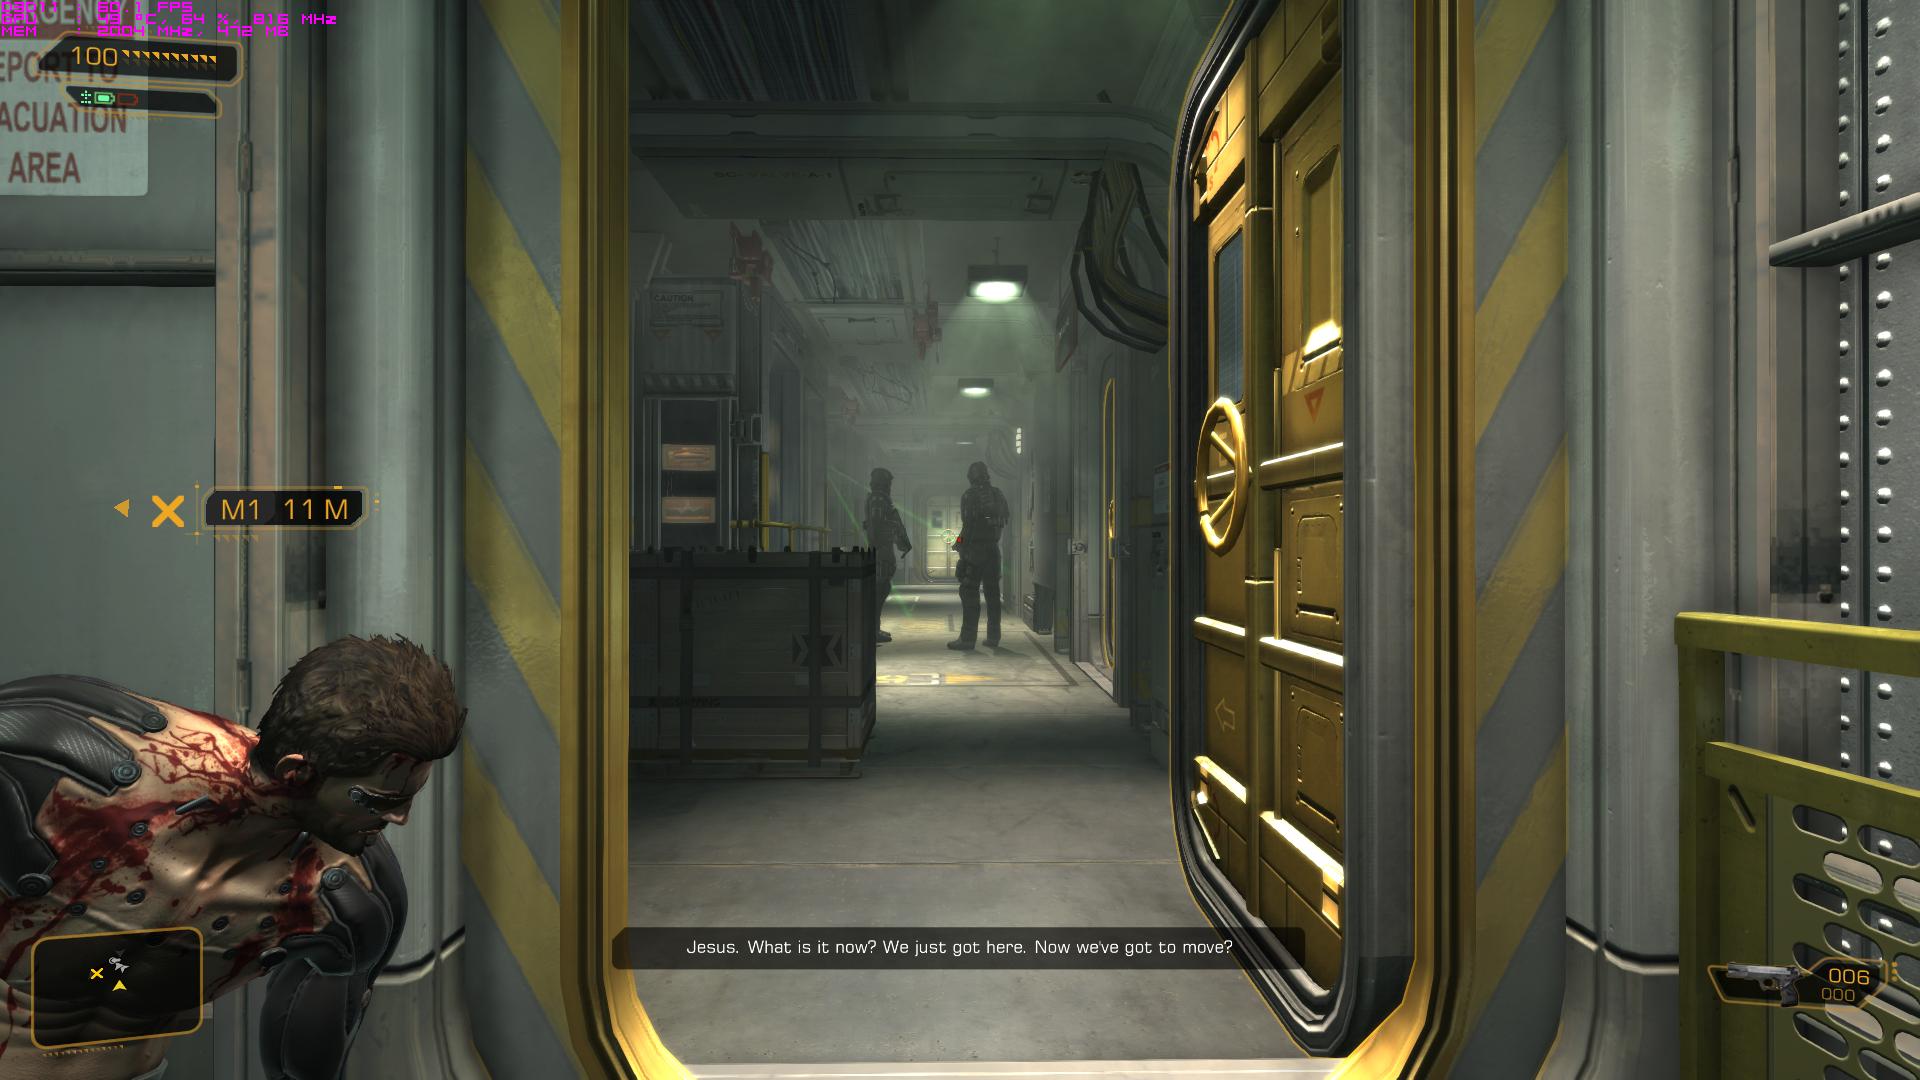 Net Fonds Jeux Vidéos Fonds Deus Ex: Human Revolution Fond décran Deus Ex: